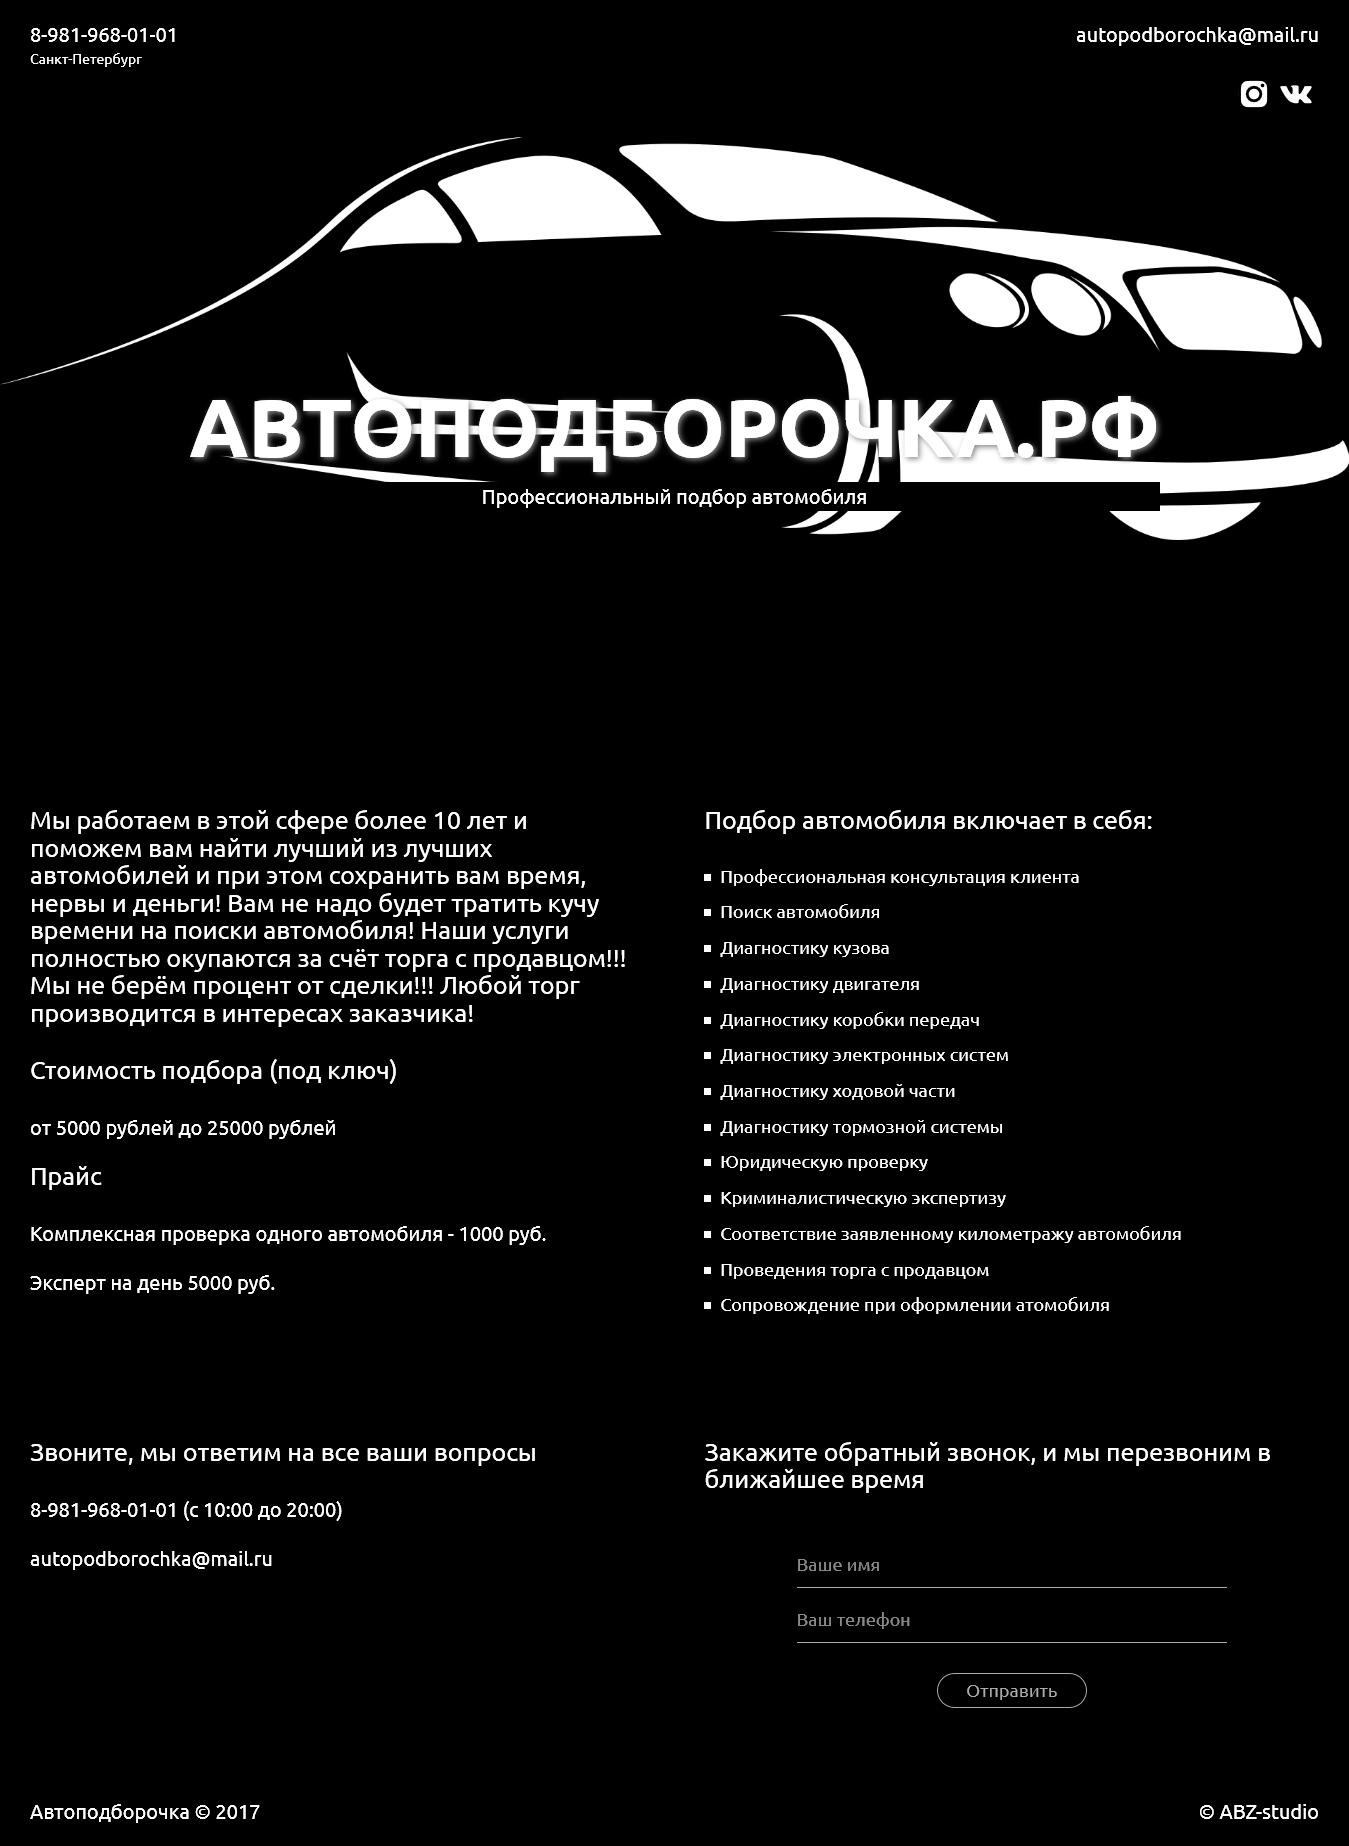 Сайт-визитка. Автоподборочка.рф